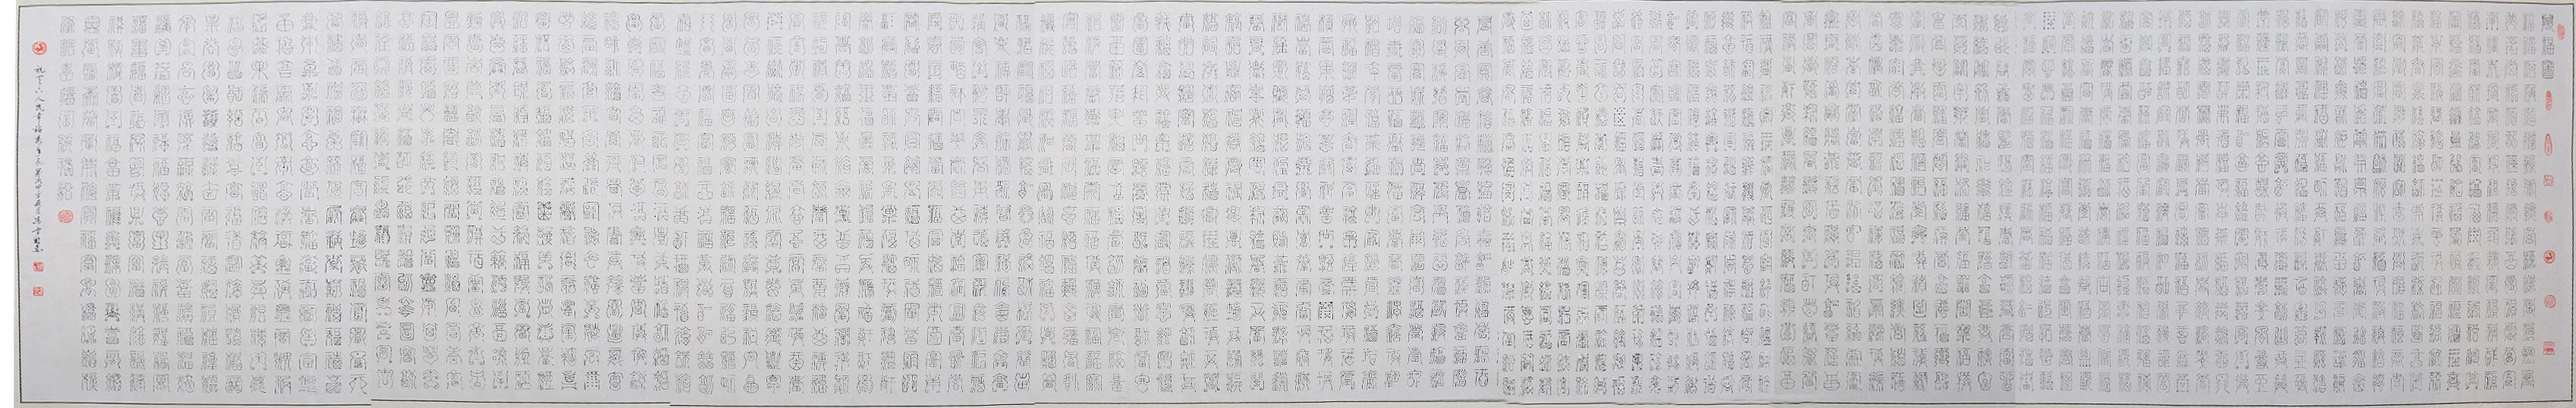 篆体书法长卷《万福图》 长达23.6米